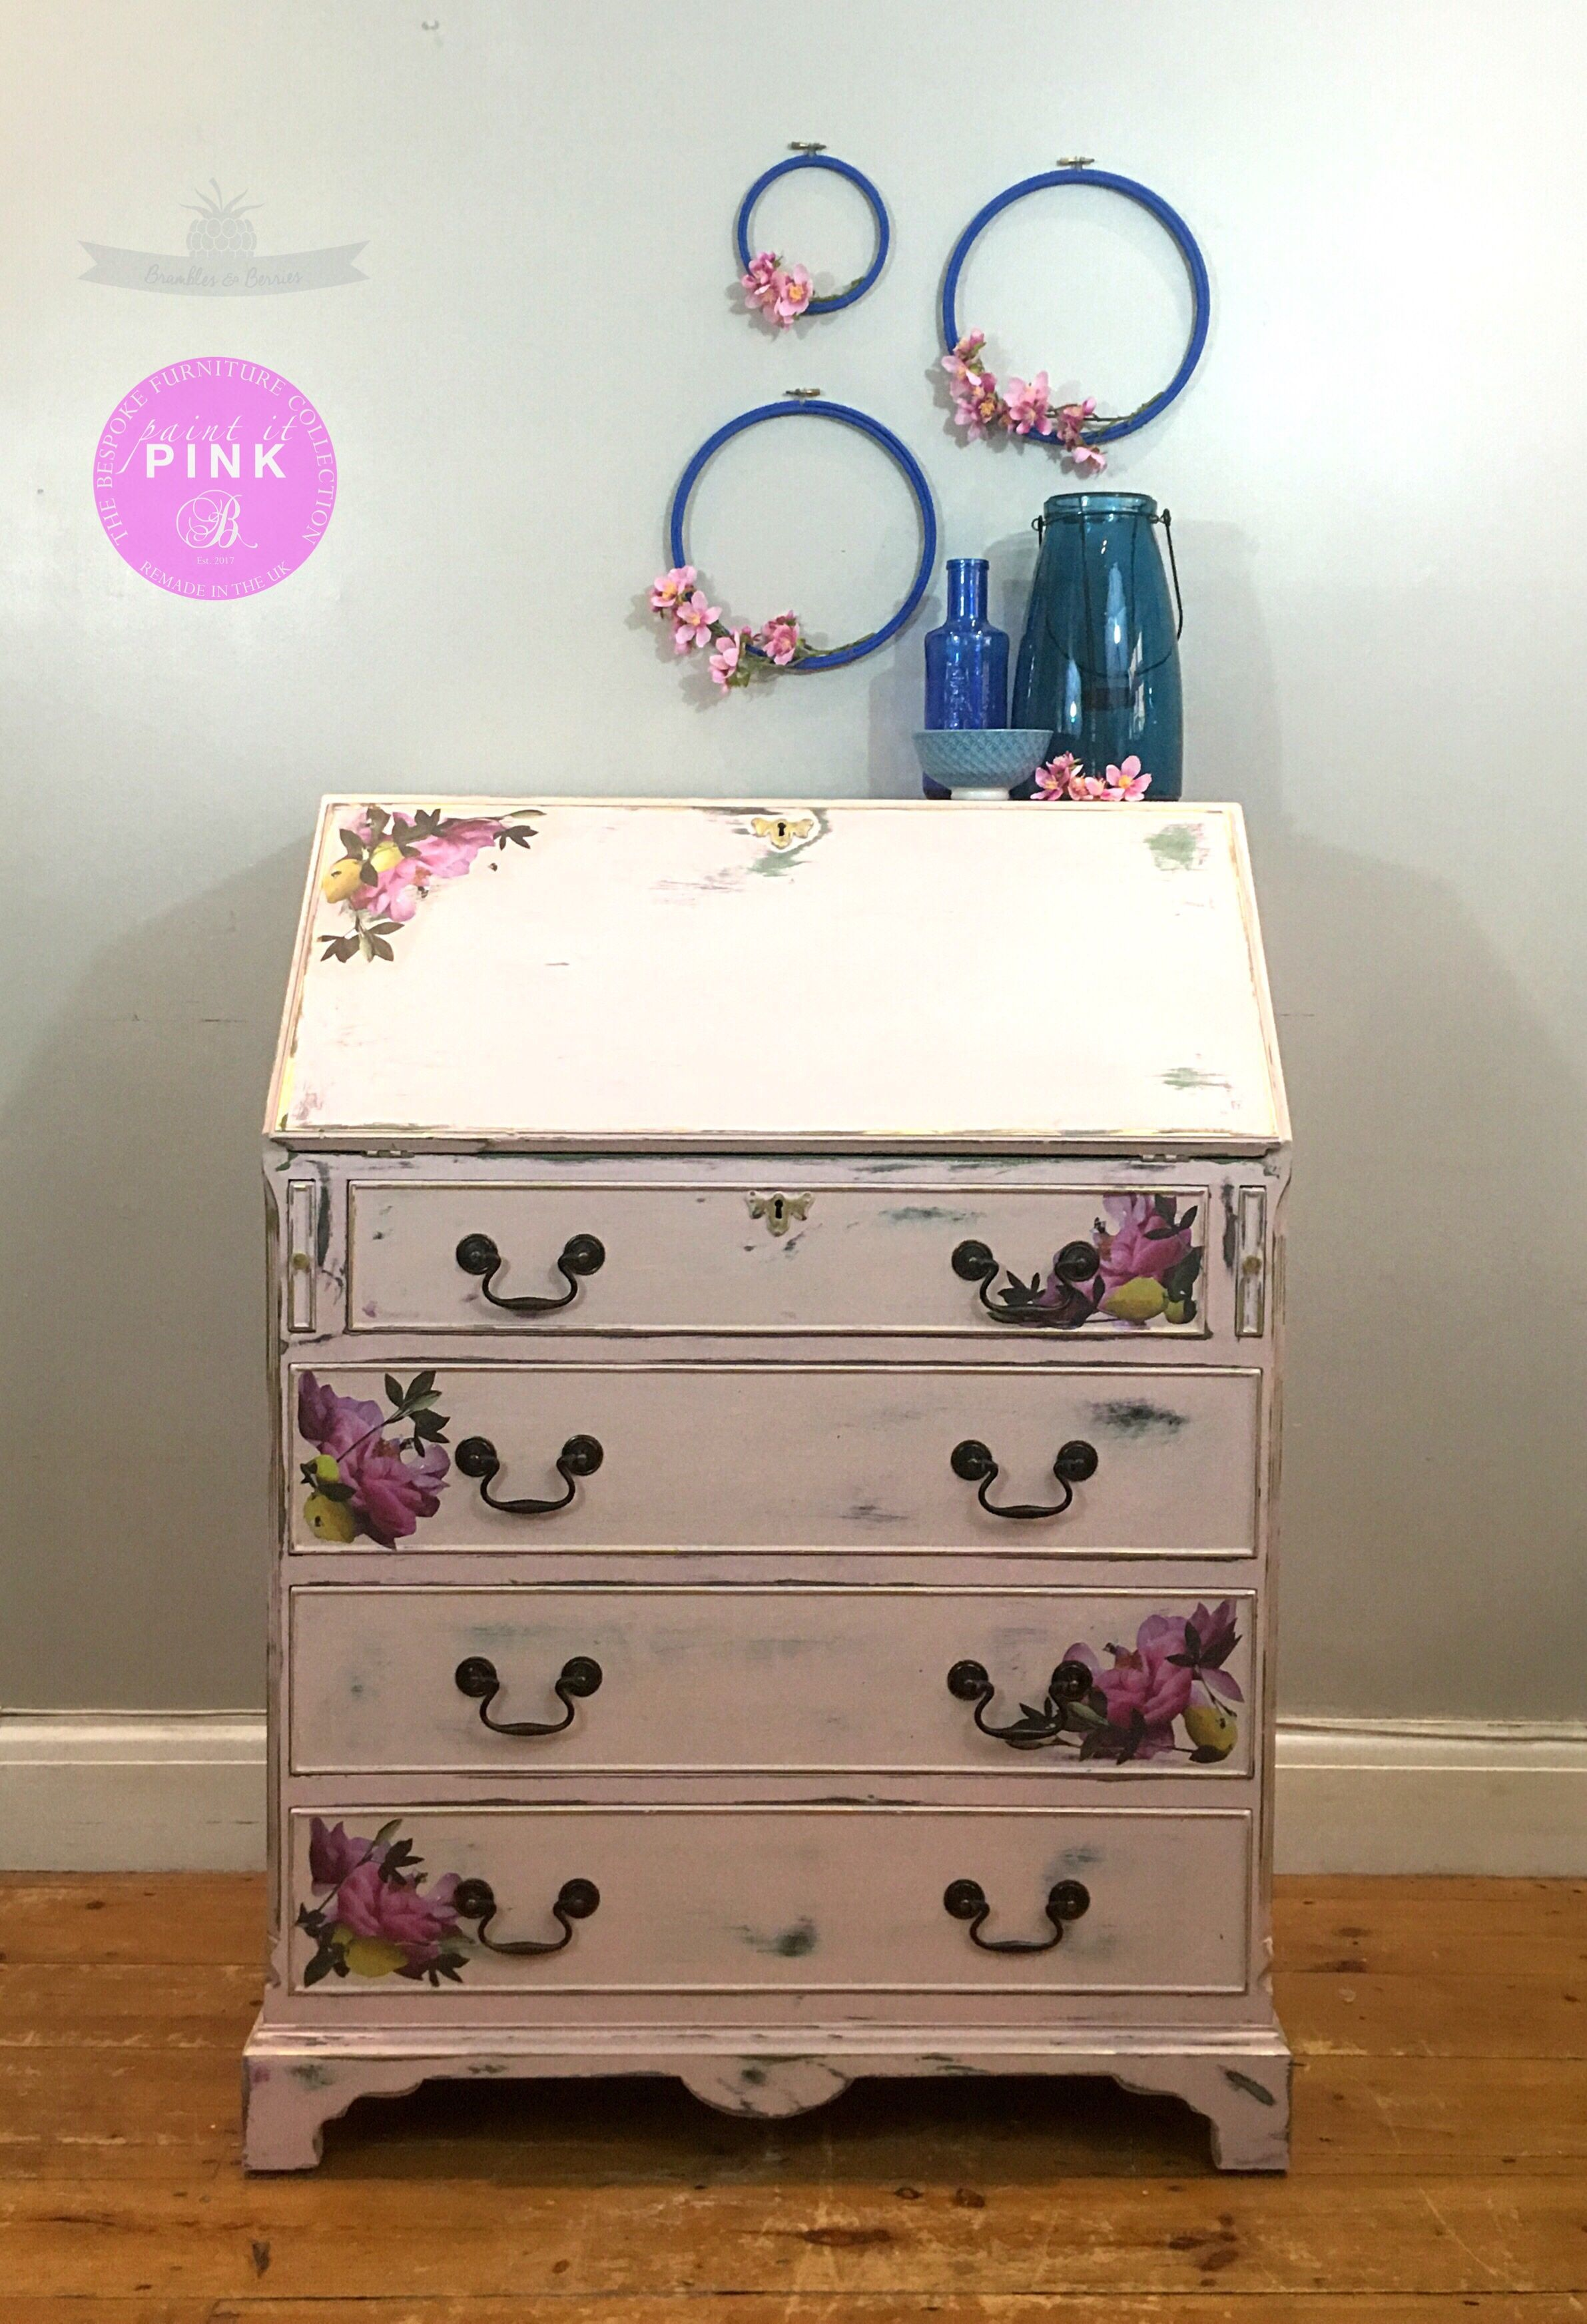 Superbe Citrus Bloom Pink Bureau Available To Buy Through Brambles And Berries Etsy  Shop. Vintage Bureau